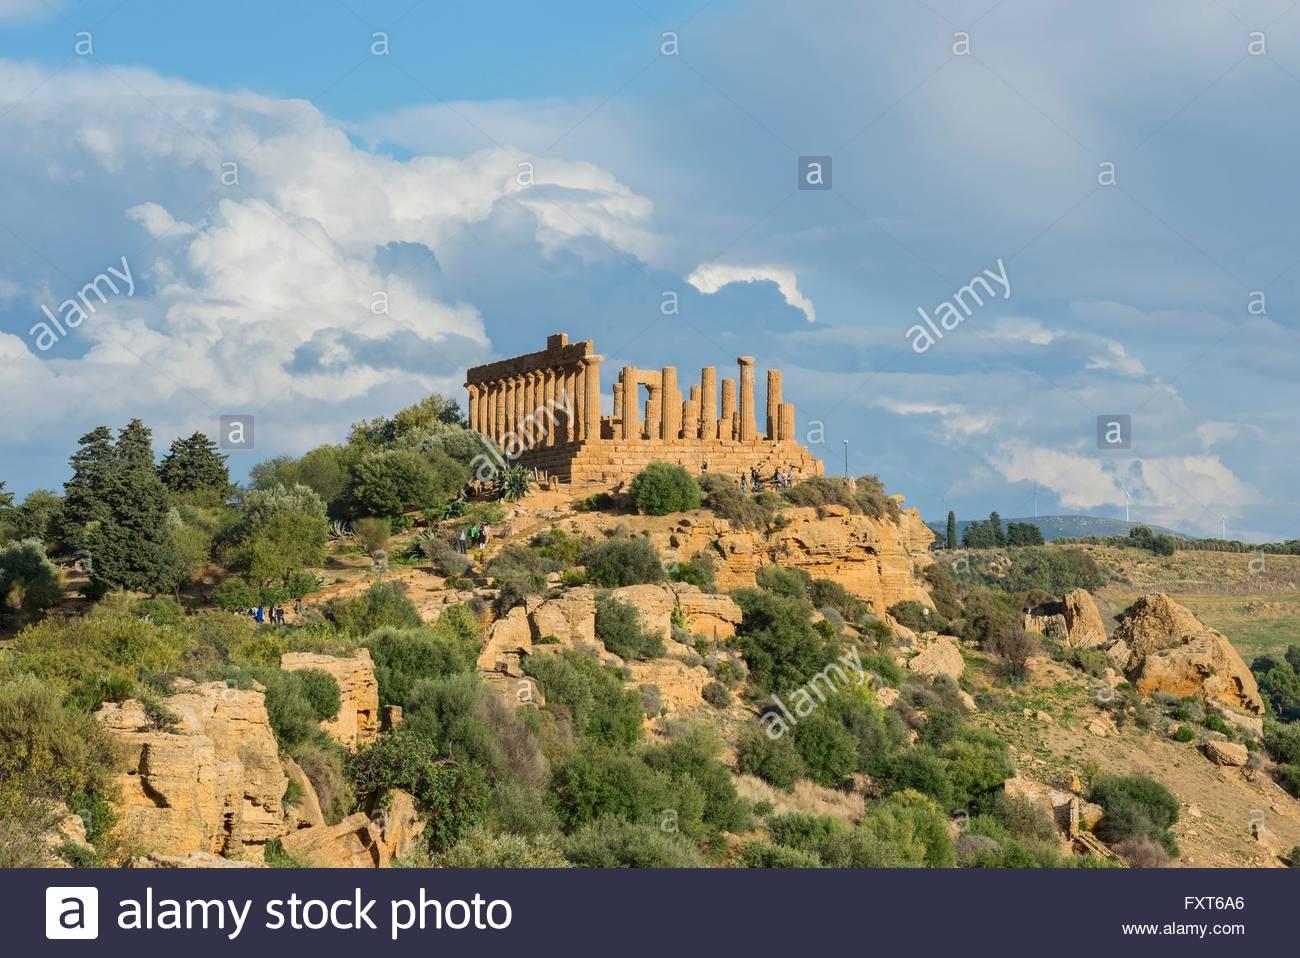 Templo de Juno en abrupto cerro, Valle de los templos, Agrigento, Sicilia, Italia Imagen De Stock